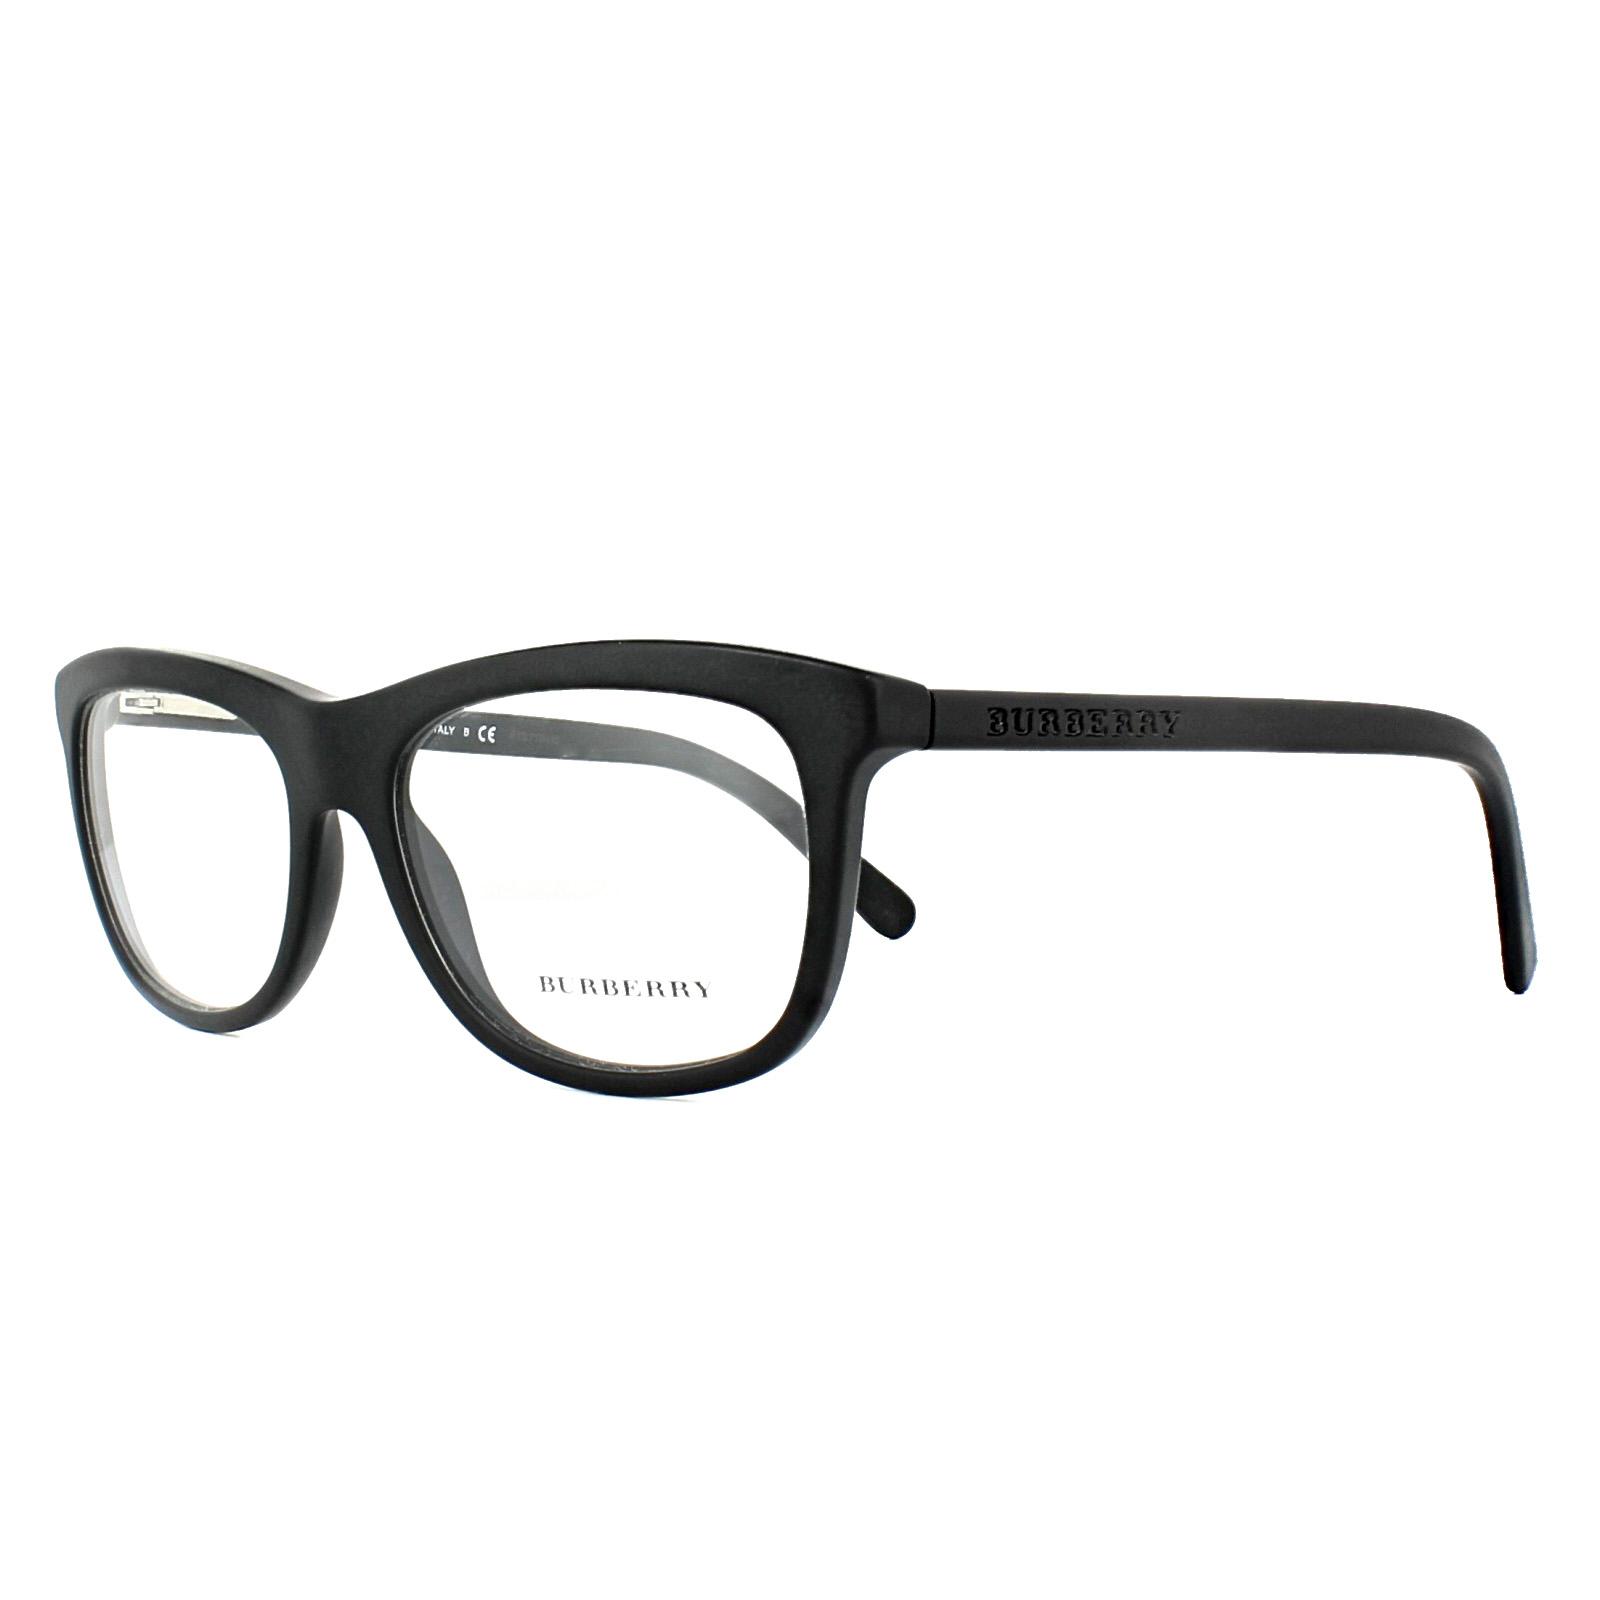 Burberry Glasses Frames BE2163 3464 Matt Black 55mm Mens ...